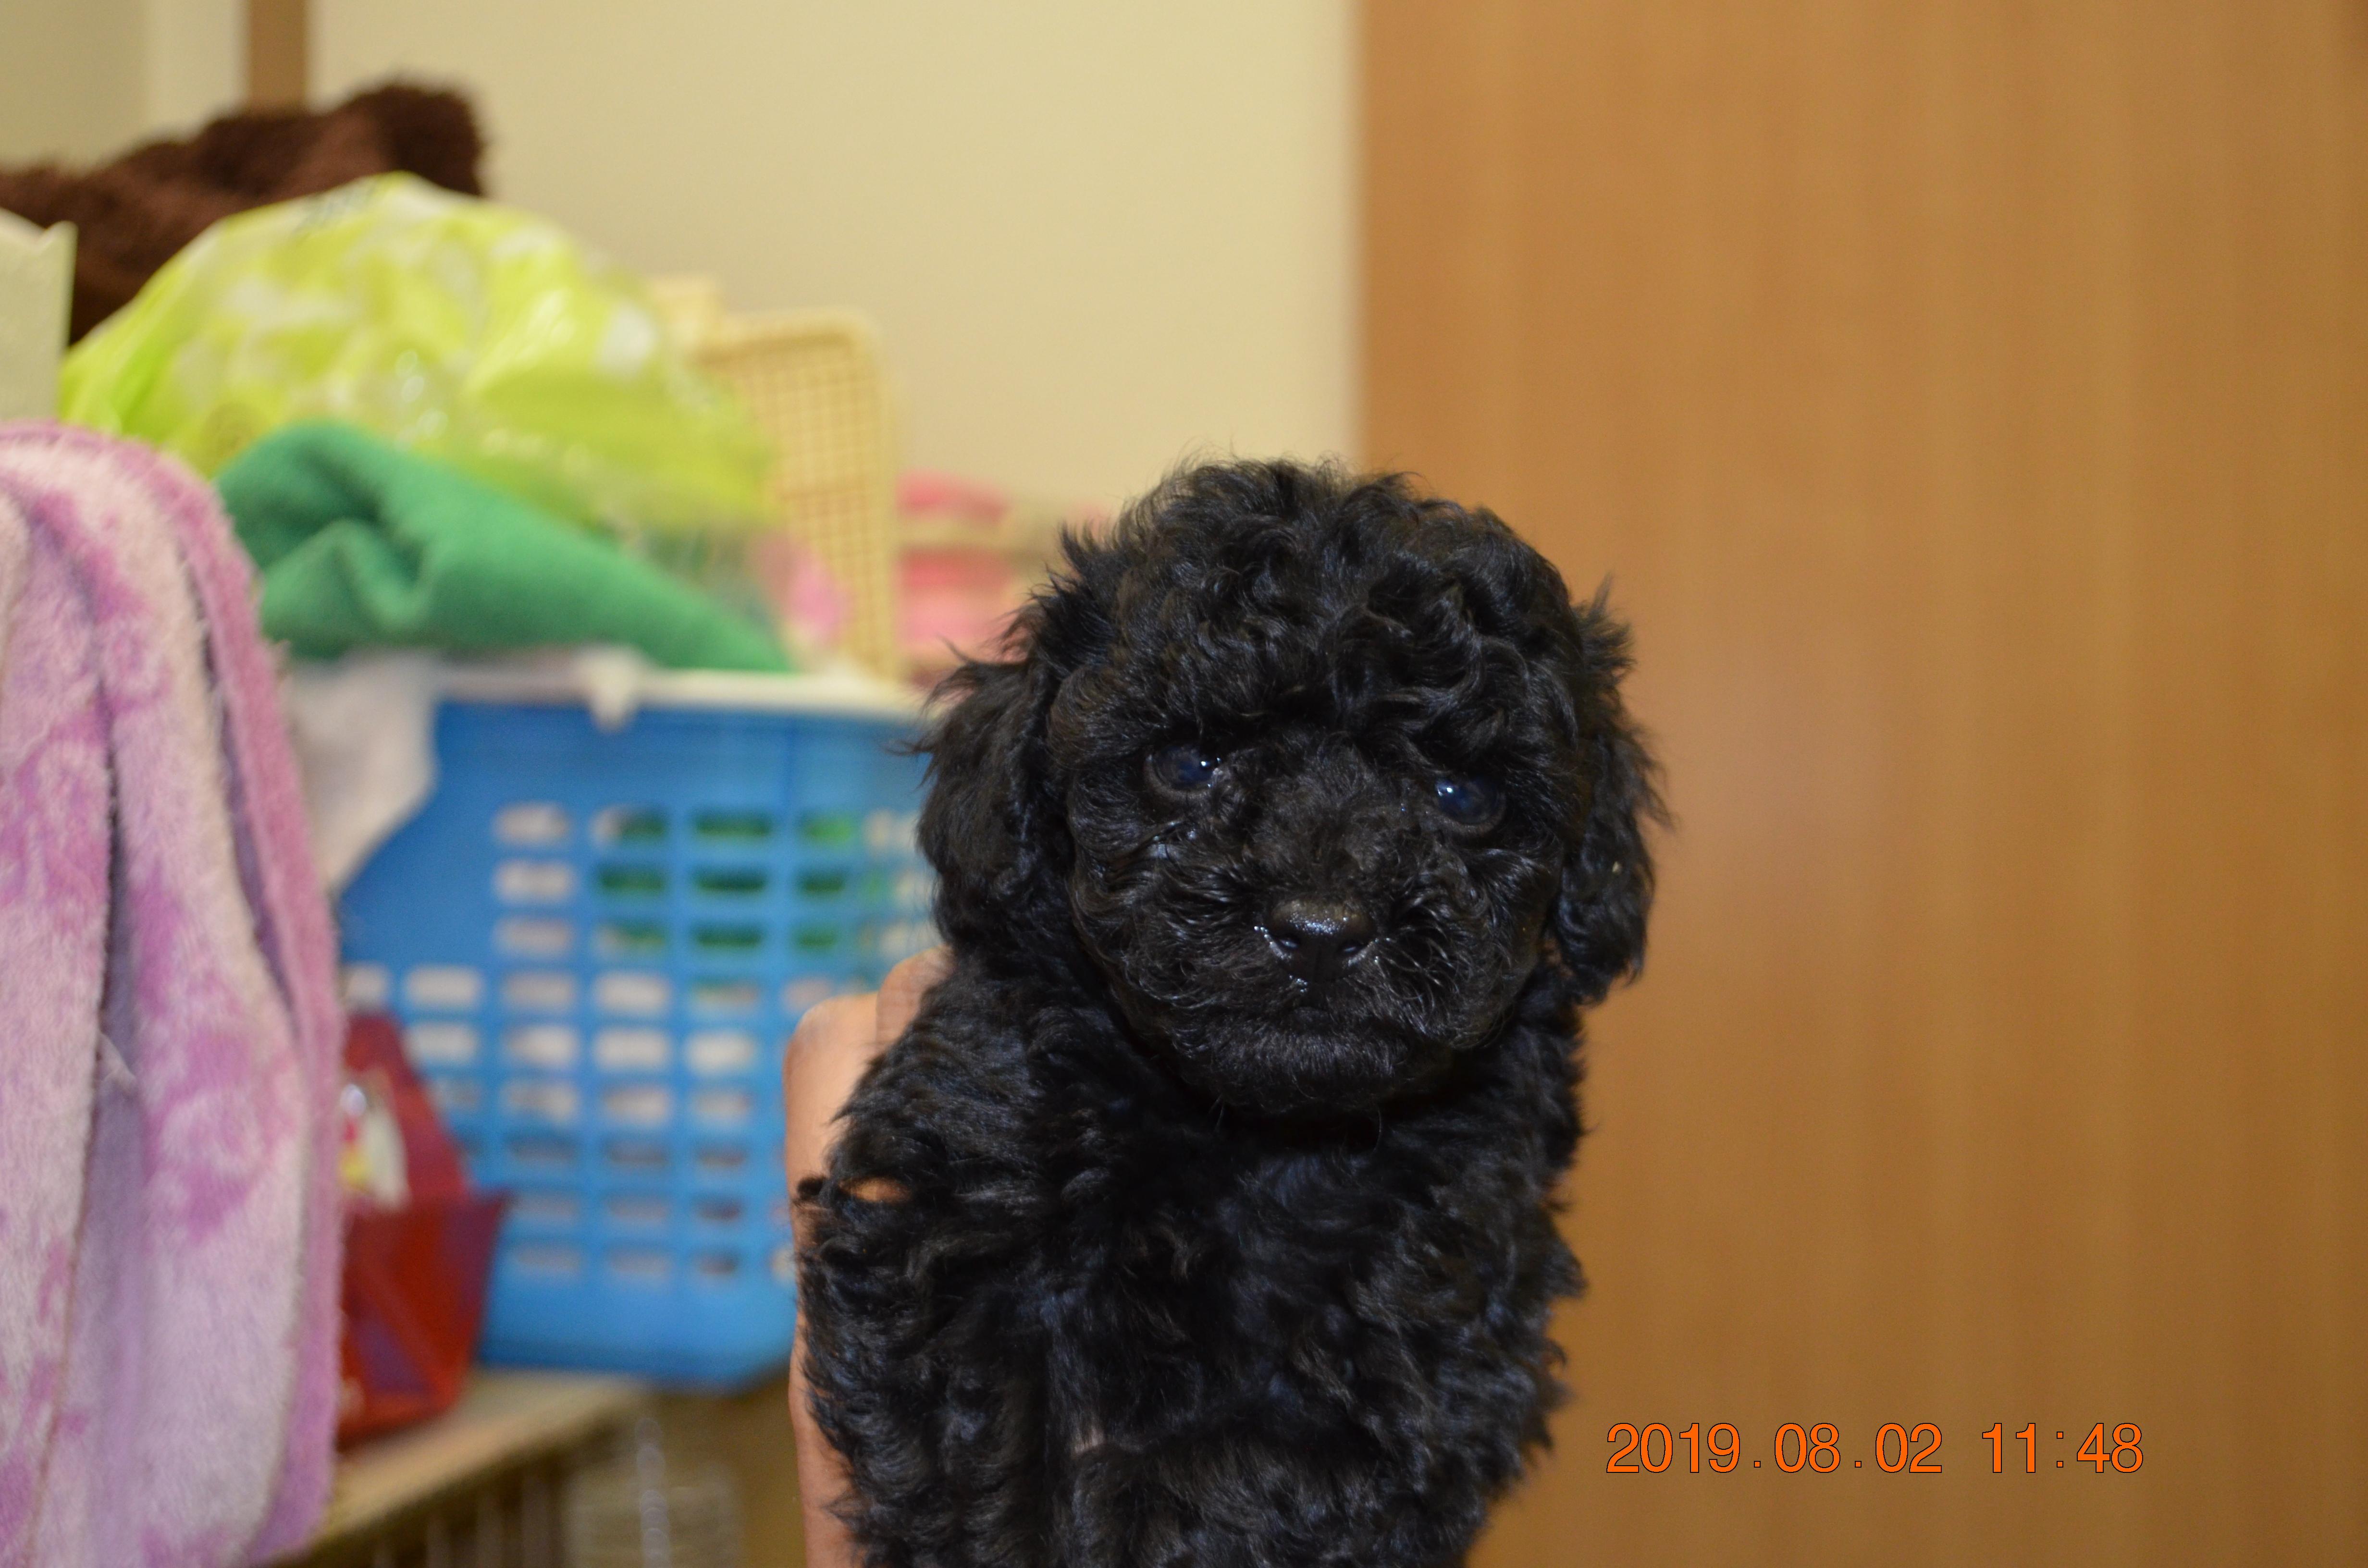 母親犬トトロ(タイニープードル)ちゃん、ブラックの女の子